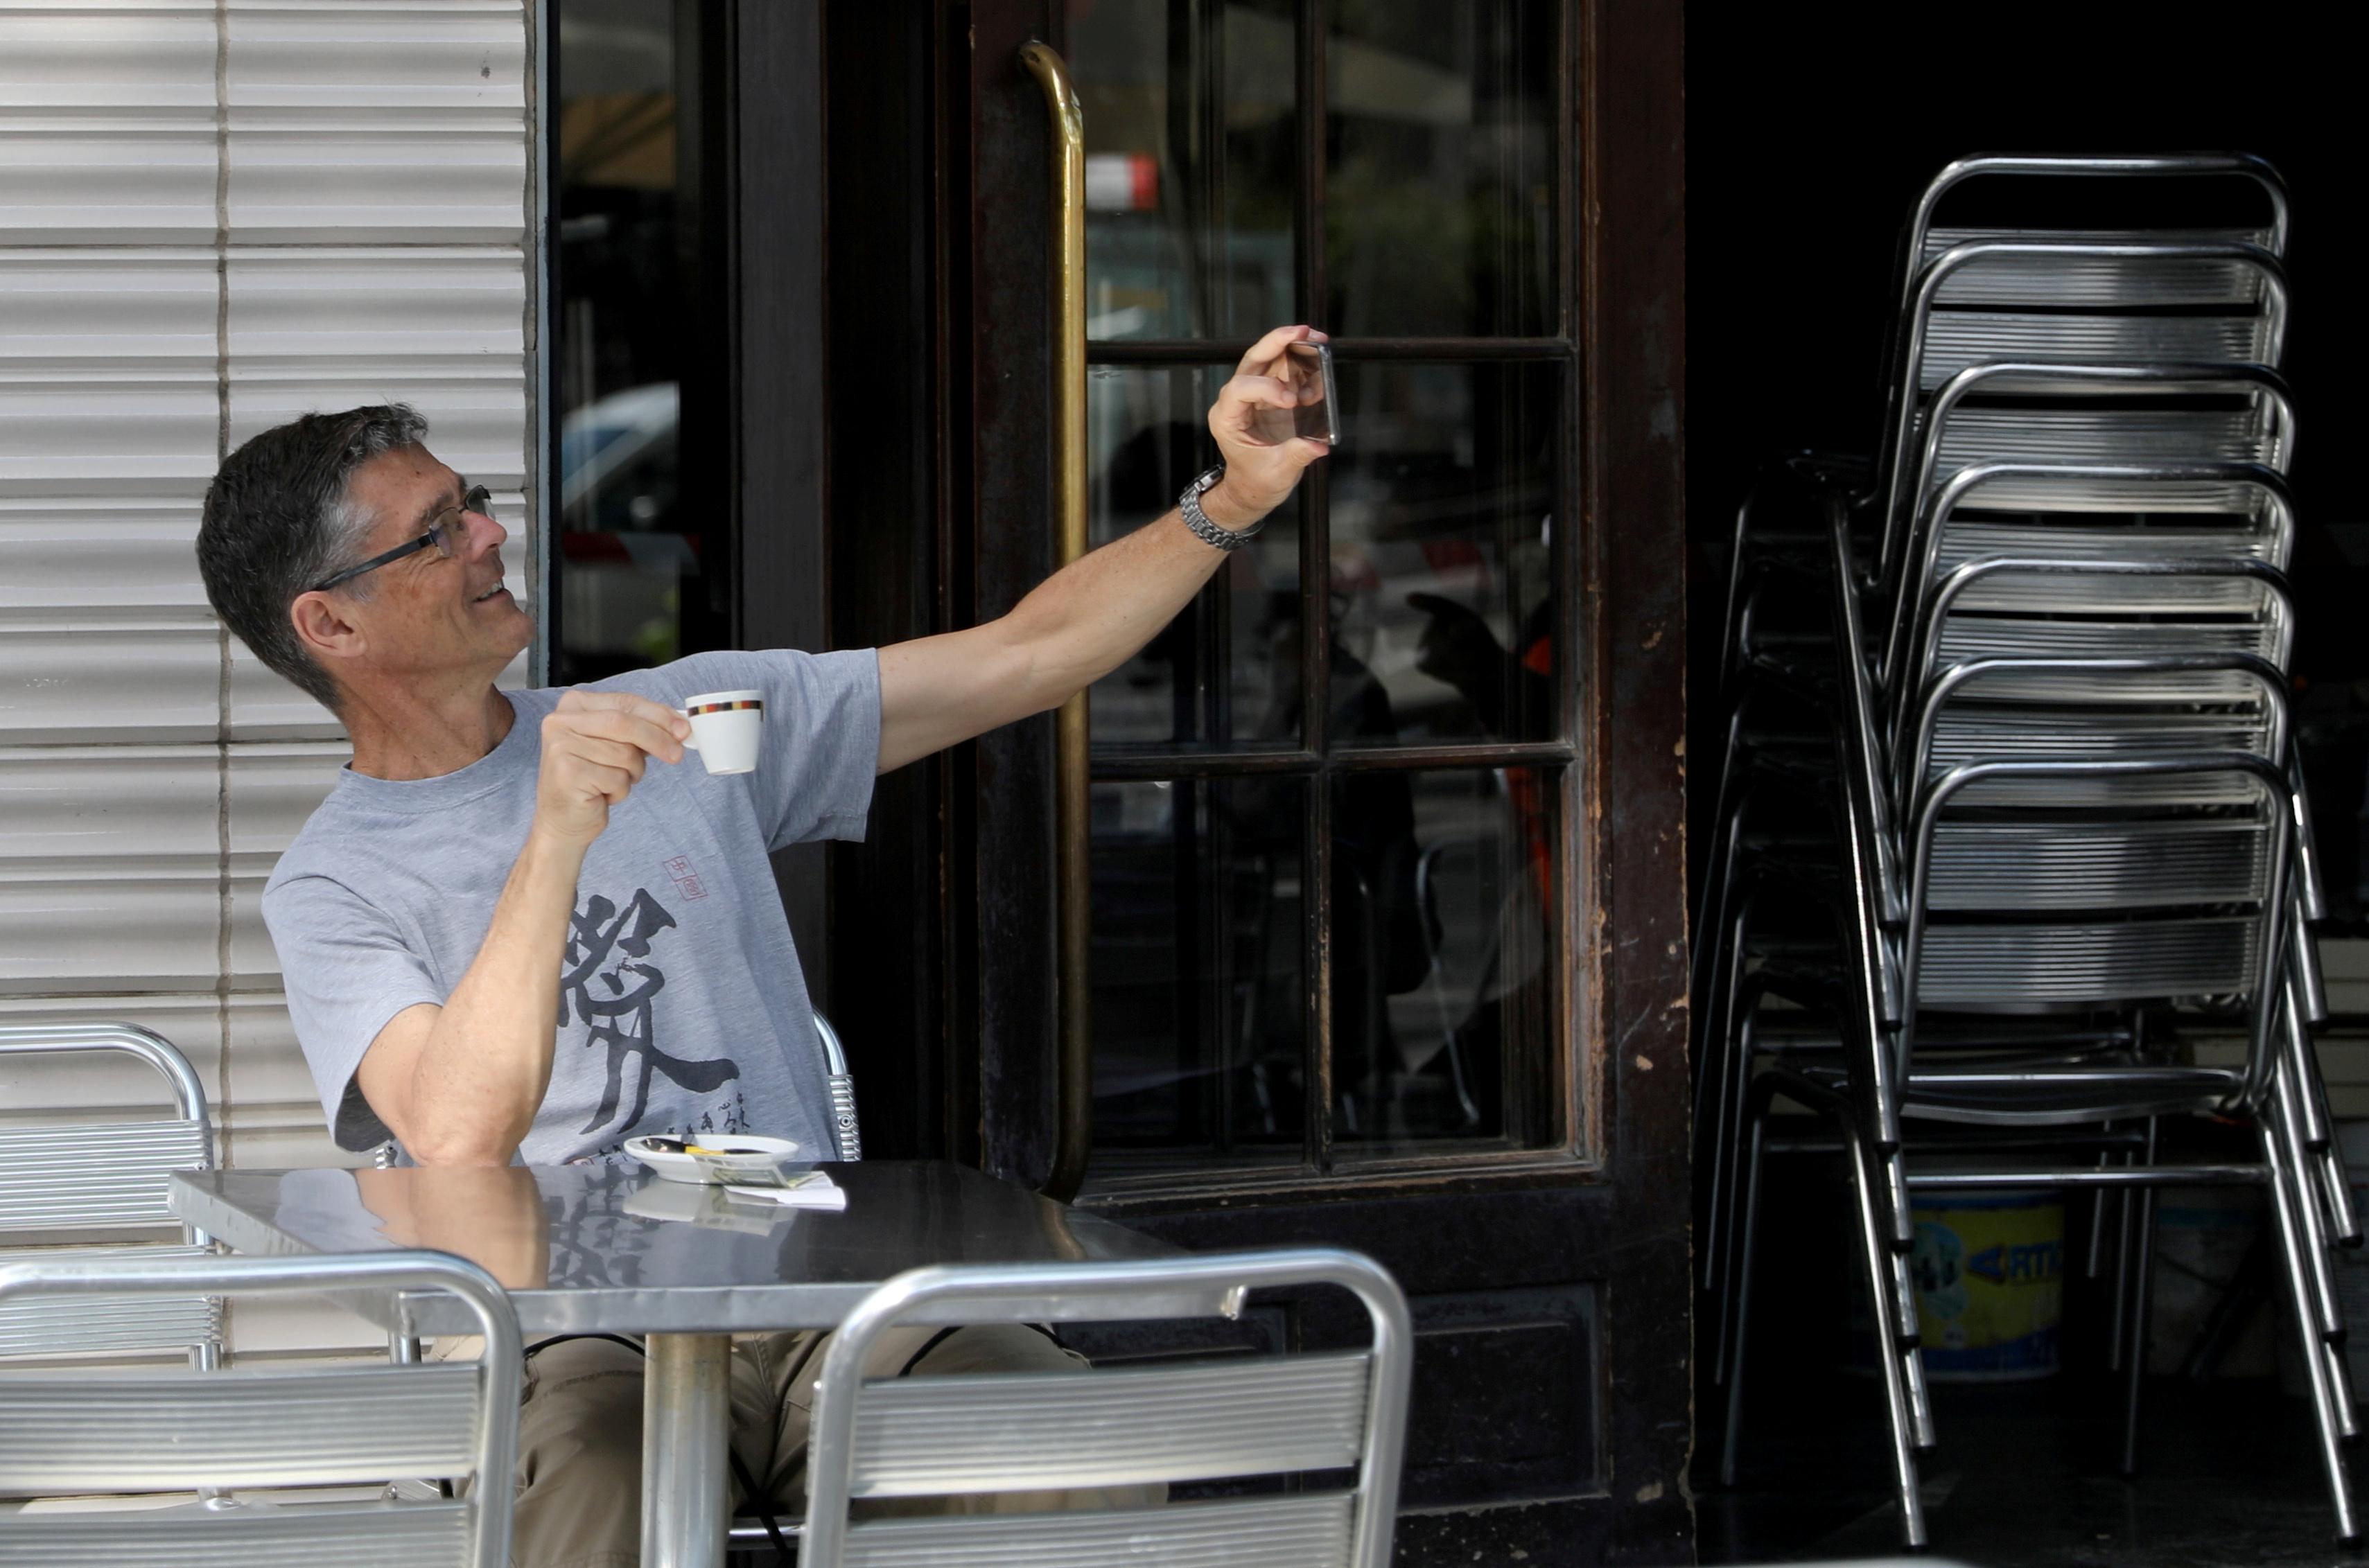 Un hombre se toma una selfie mientras toma un café en el bar Zurich de Plaza Catalunya en Barceolona (REUTERS/Nacho Doce)